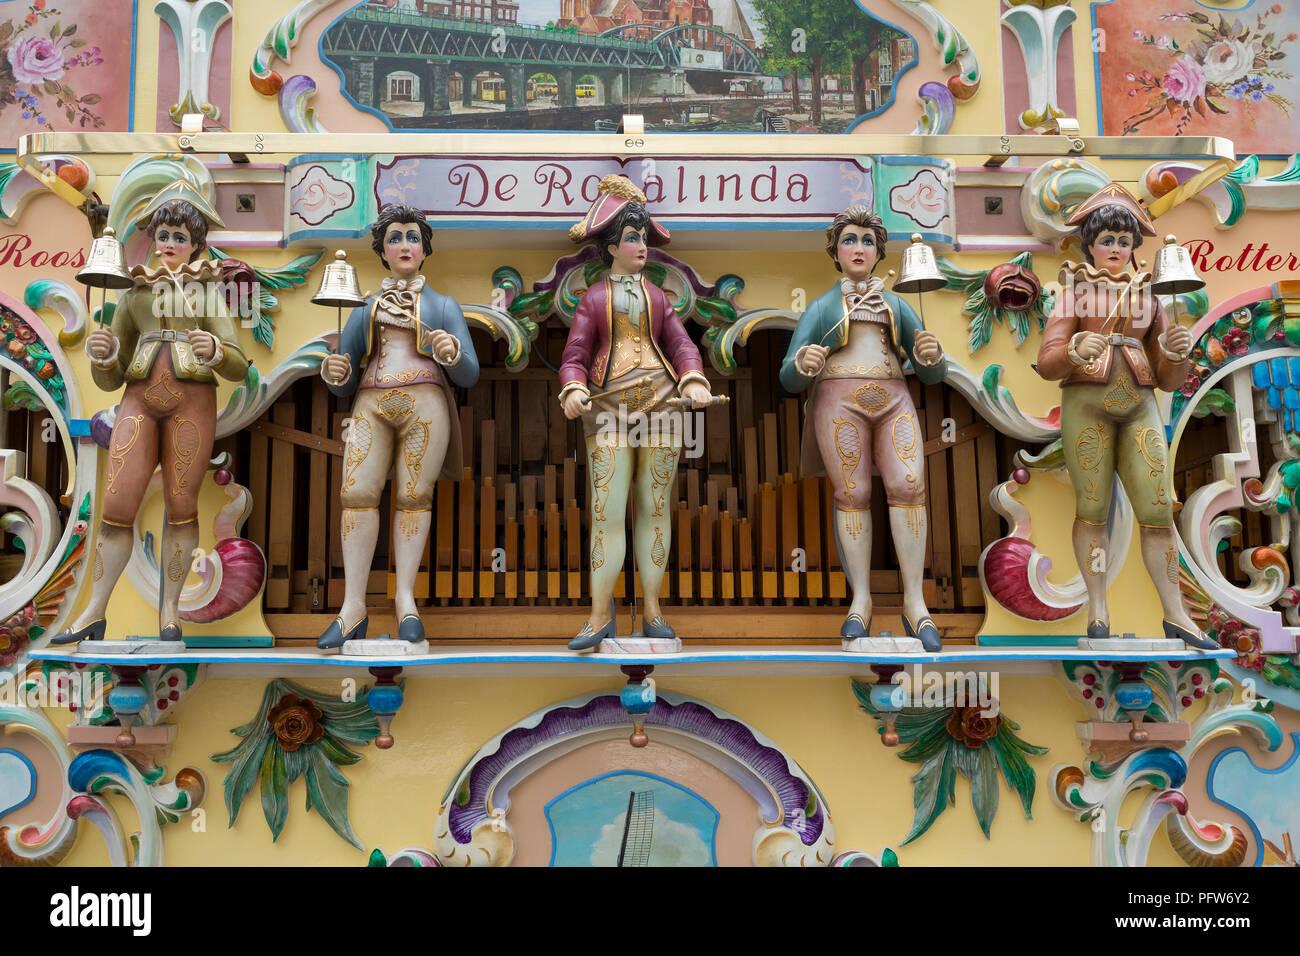 Rotterdam, Pays-Bas - le 7 juillet 2018: les poupées sur un orgue de rue traditionnels hollandais nommé Rosalinda Photo Stock